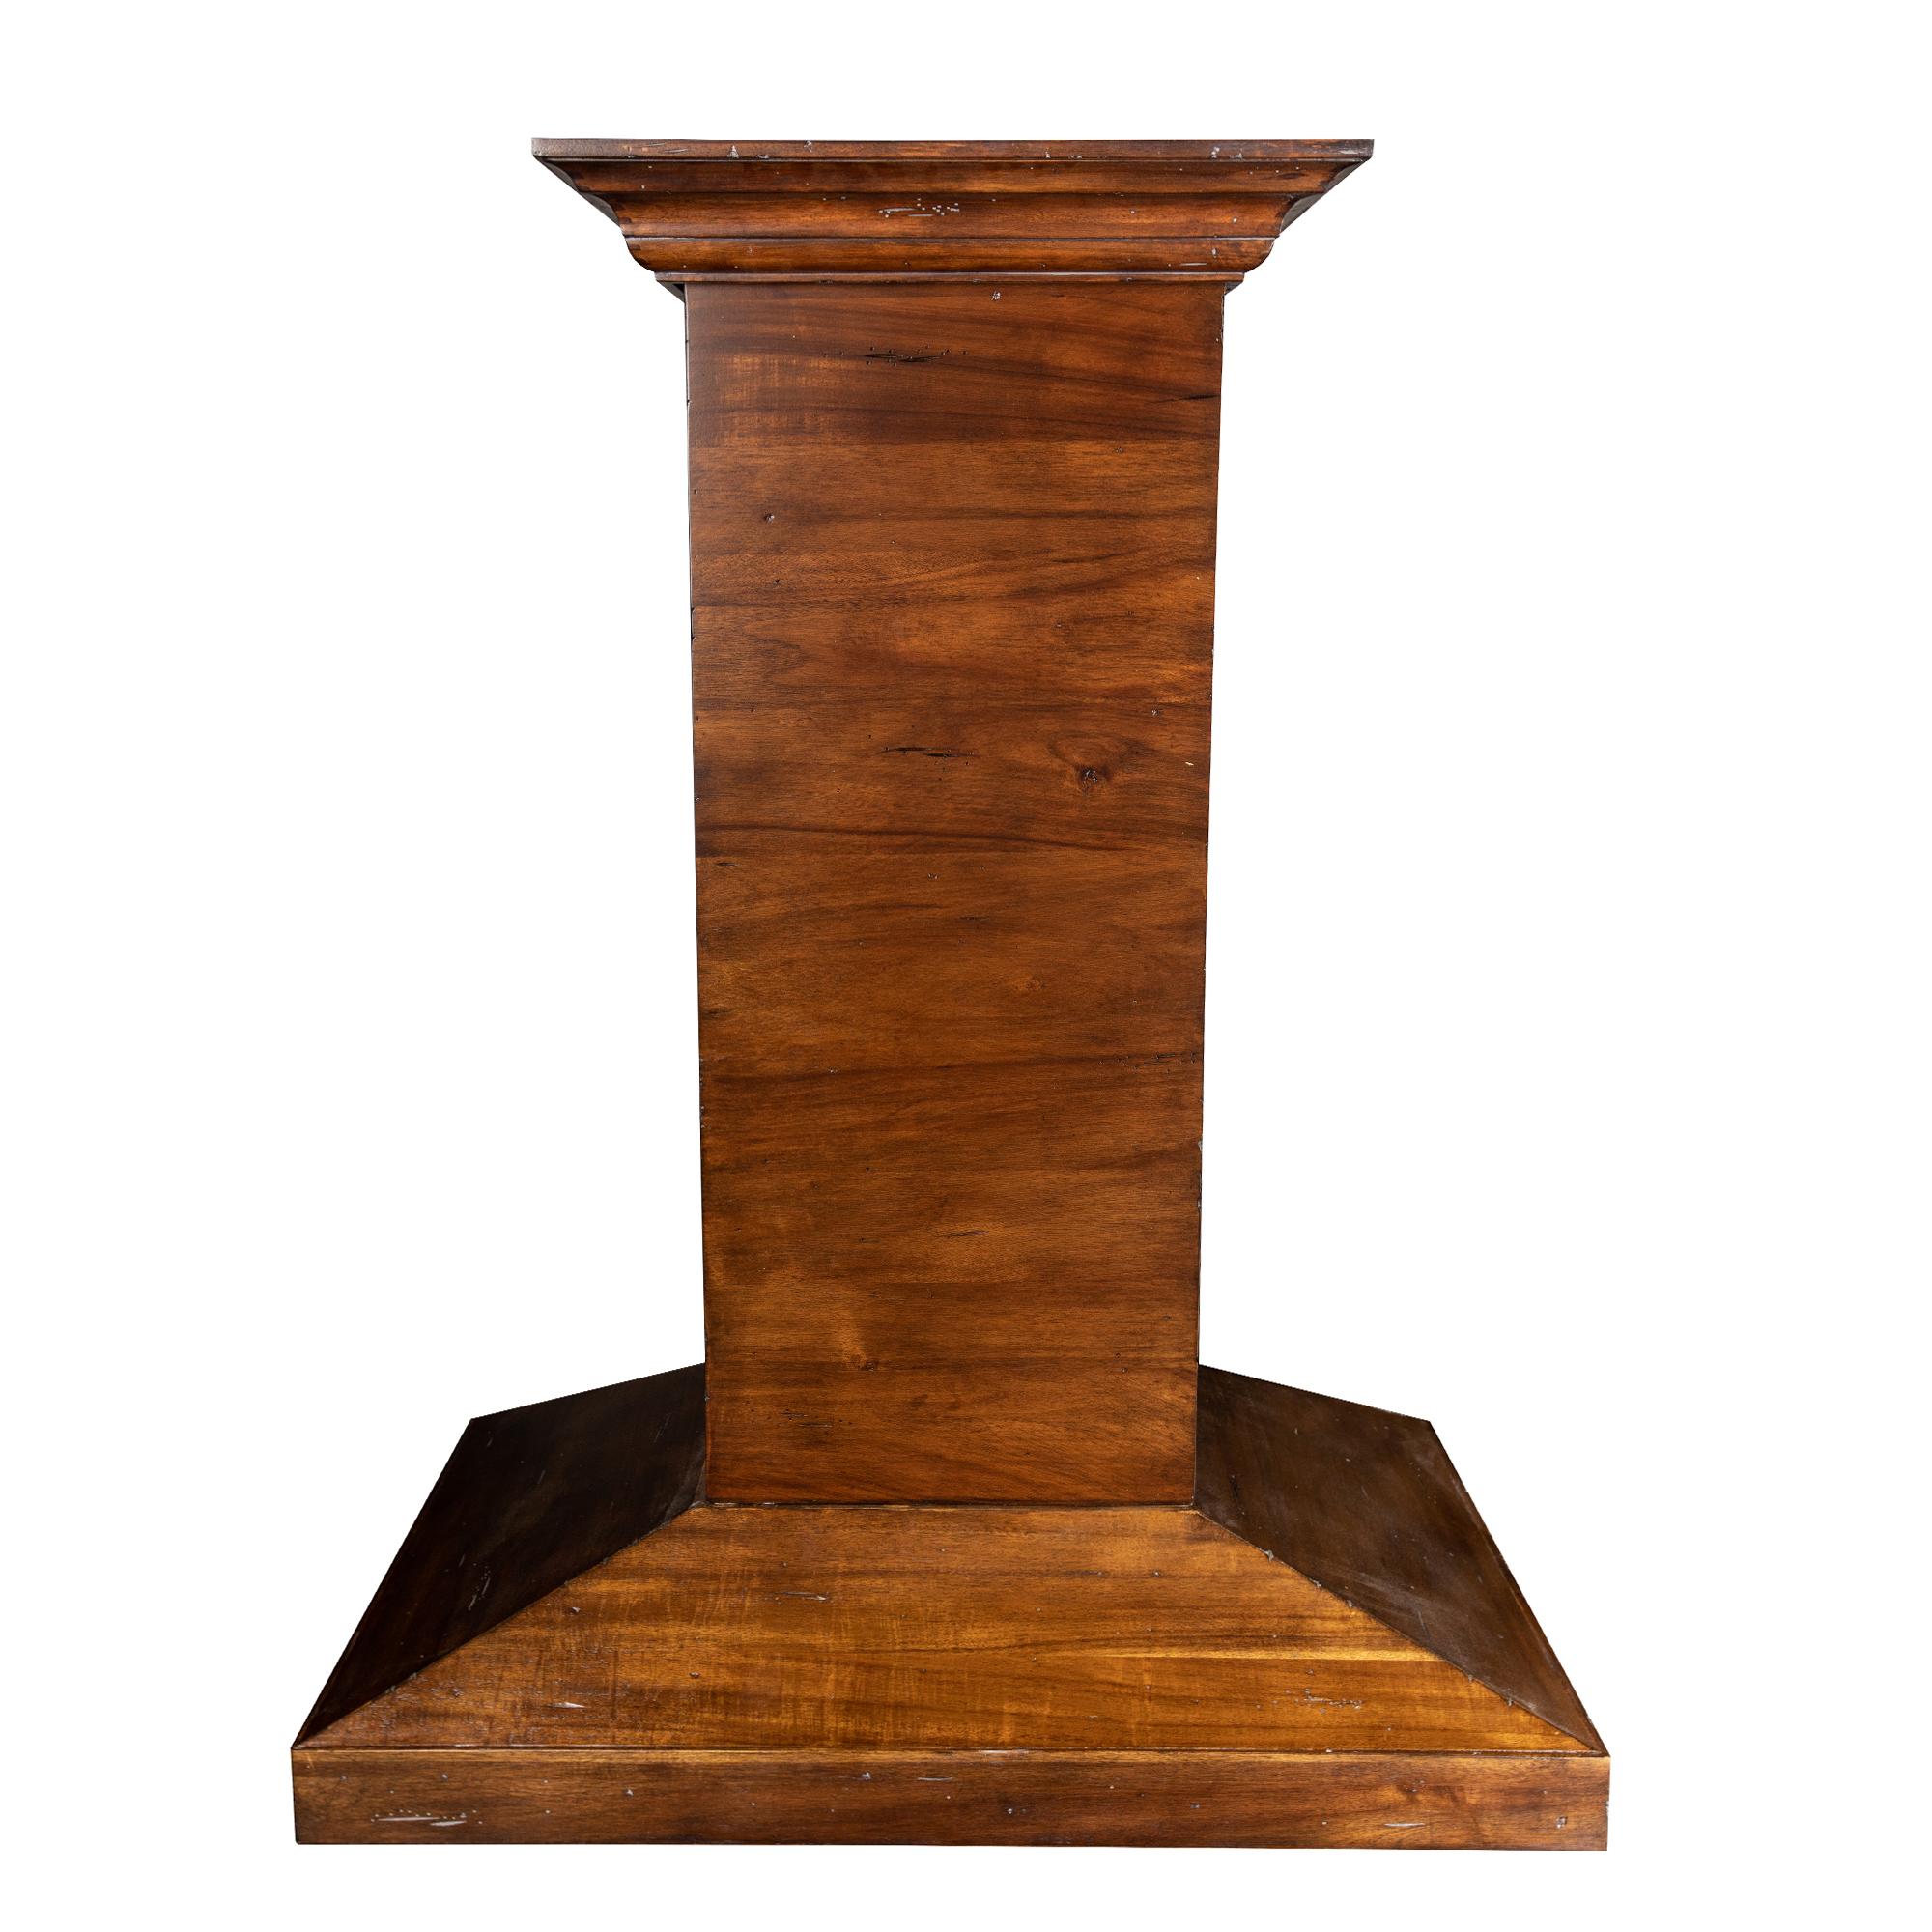 zline-designer-wood-island-range-hood-KBiRR-front.jpg